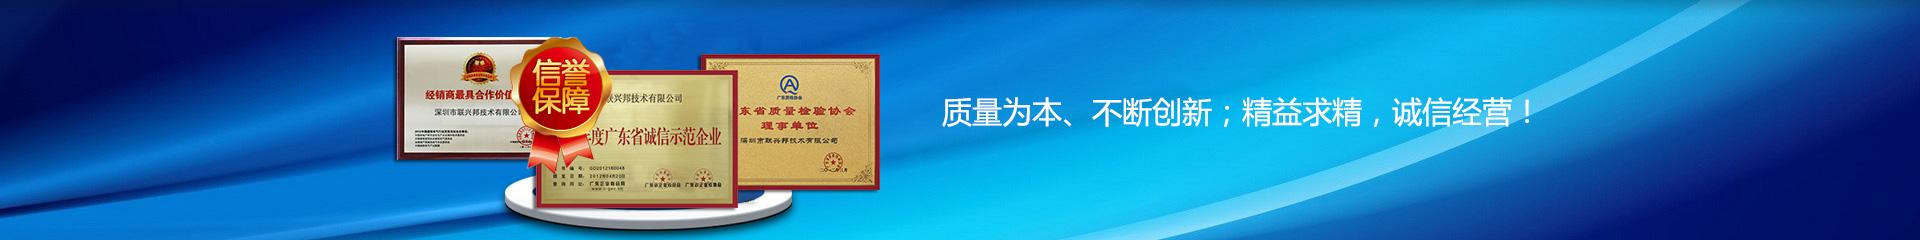 ky棋牌游戏平台下载